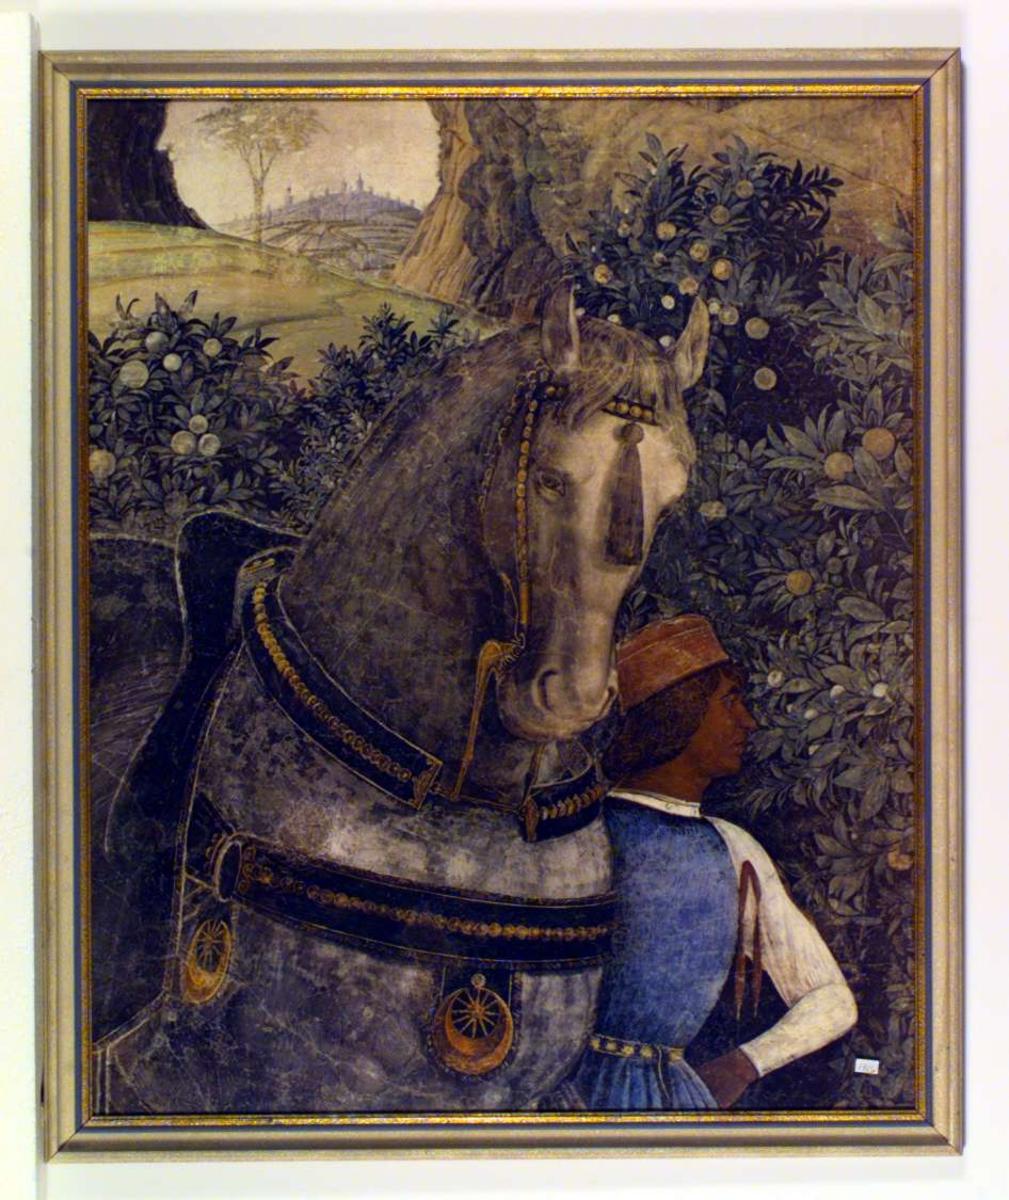 En staselig hest dominerer bildet. Den leies av en mann i renessanseklær. I bakgrunnen et italiensk landskap med en landsby med sine karakteristiske høye tårn.